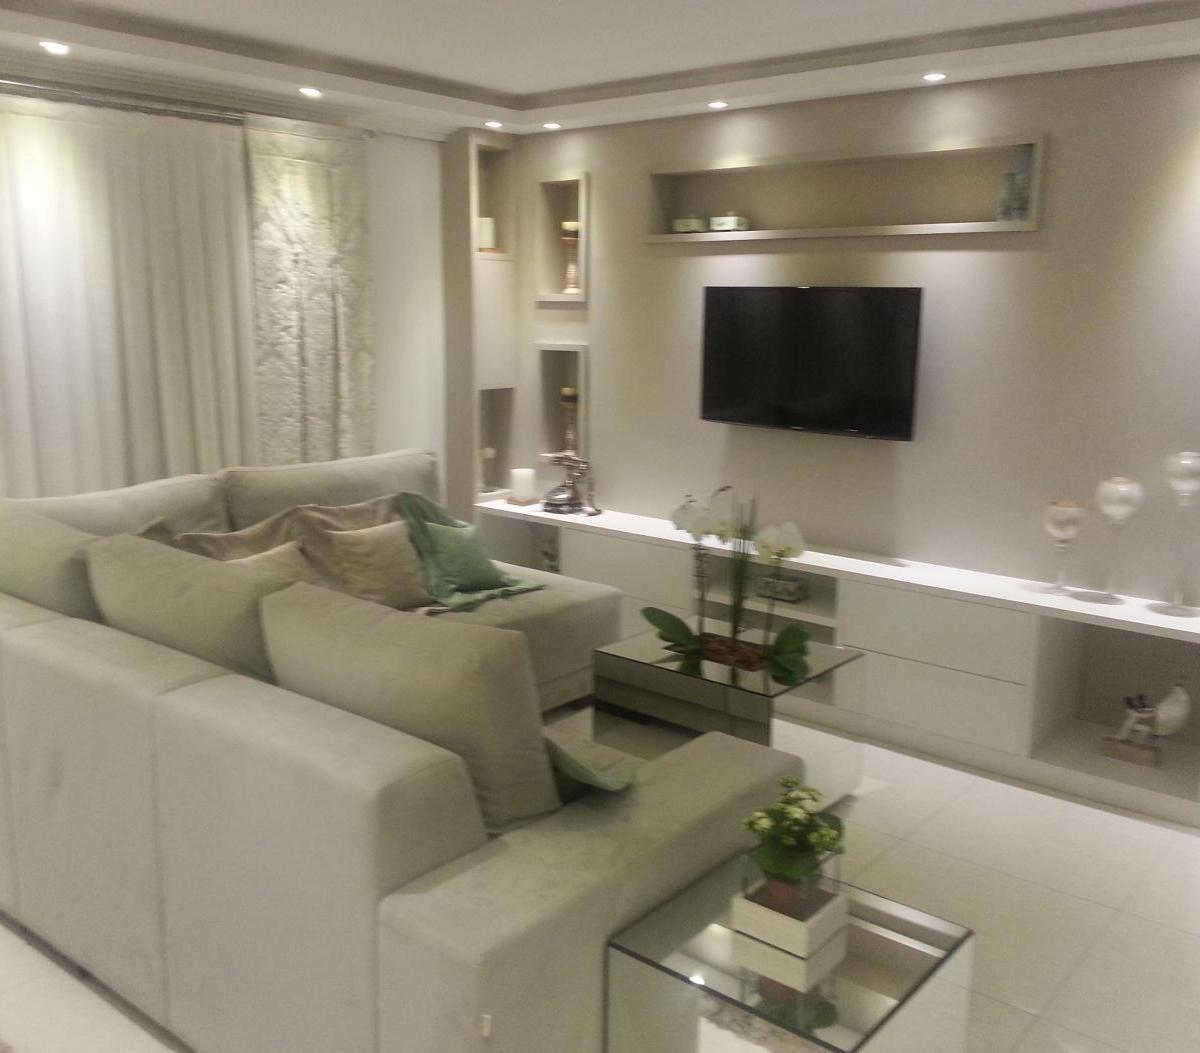 Casa venda com 3 quartos boa vista curitiba r 830 for Apartamento mobiliado 3 quartos curitiba